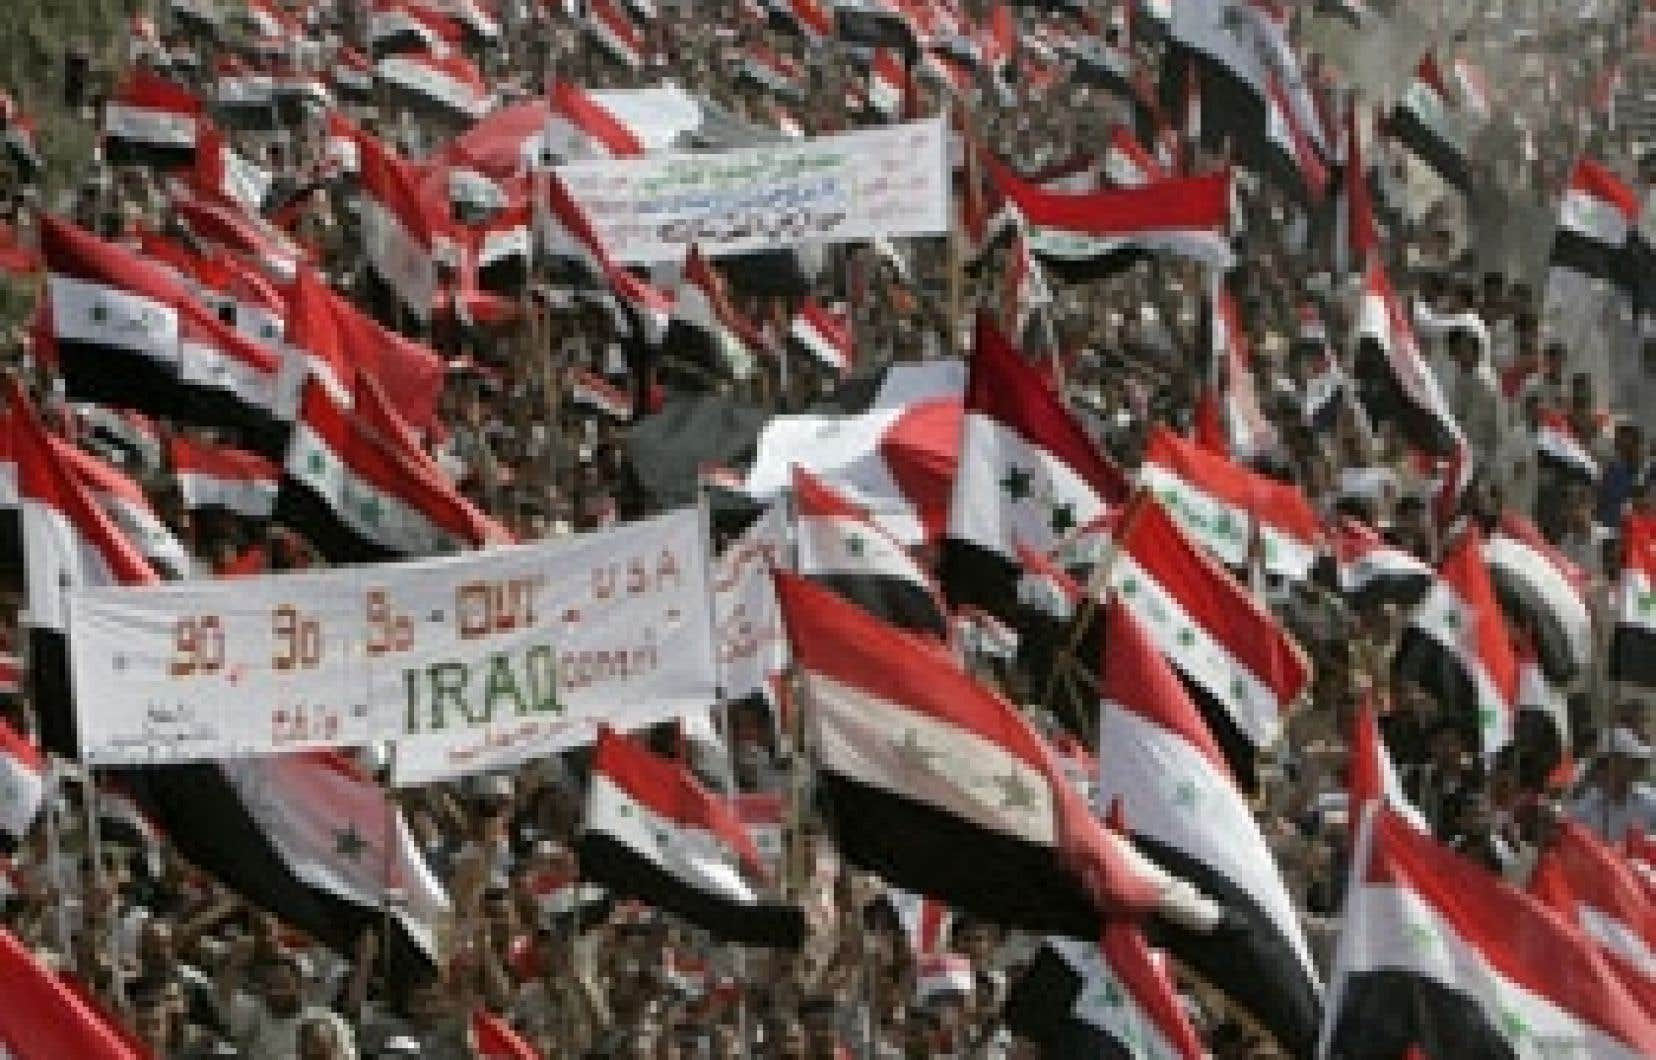 À Najaf, des drapeaux américains ont été brûlés hier parmi la foule qui portait des banderoles où figuraient des slogans hostiles aux États-Unis et au président George W. Bush comme «À bas Bush» ou «À bas l'Amérique».